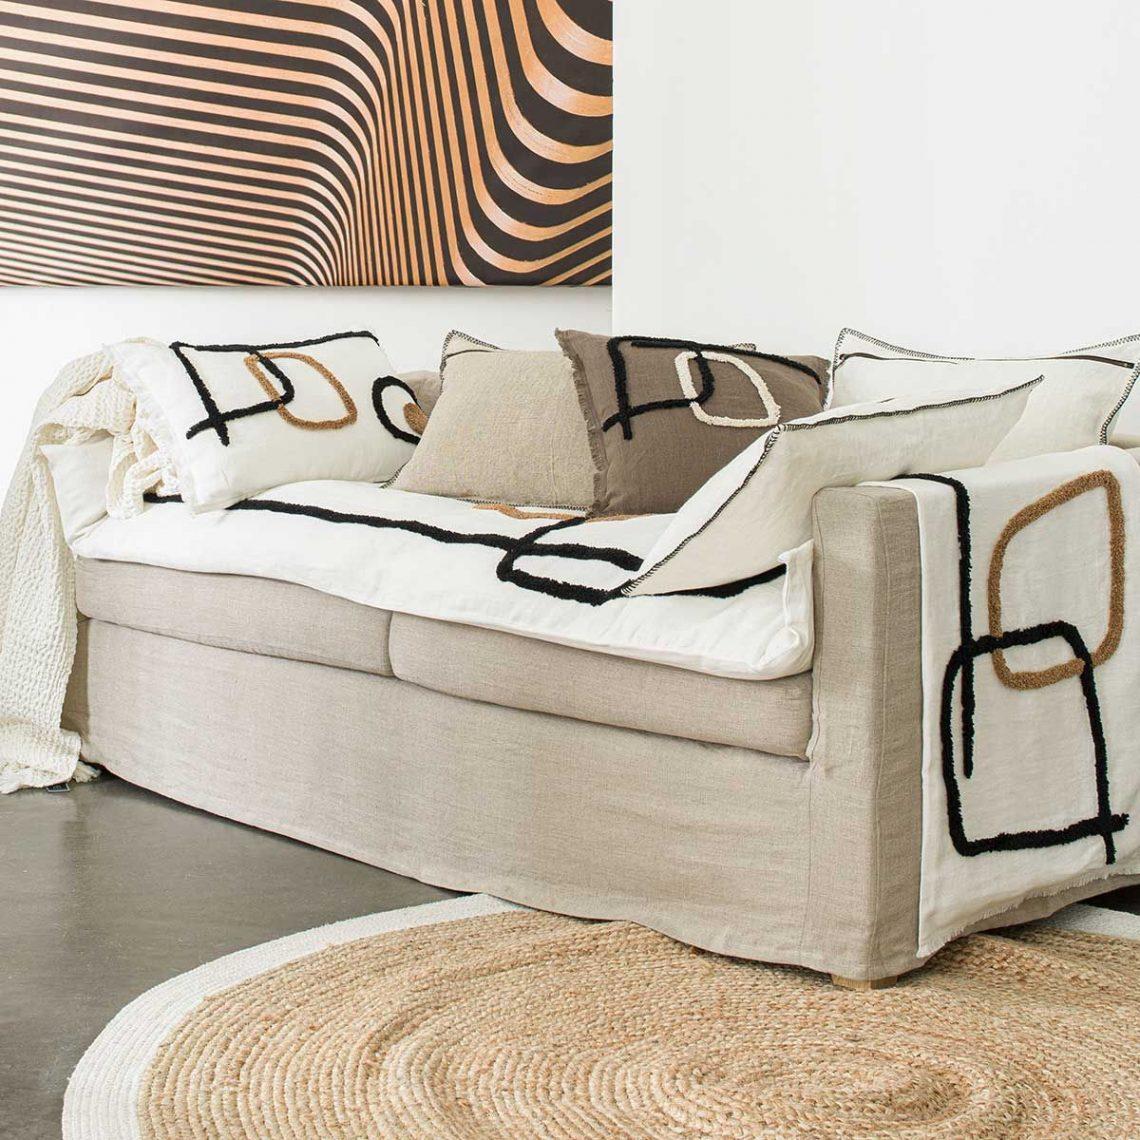 sofa cover ethnique- housse d'édredon de canapé en lin